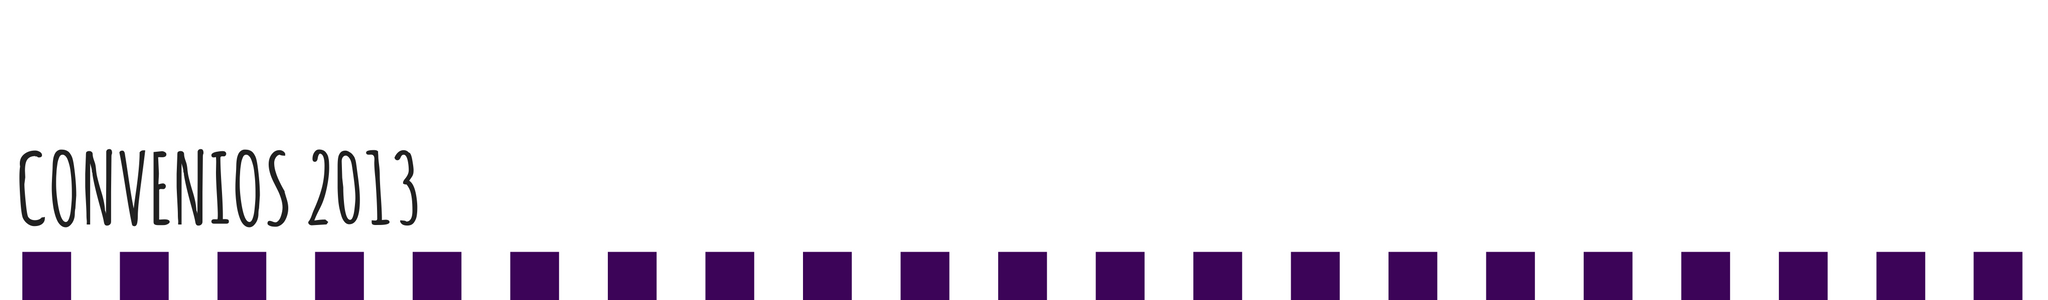 convenios-2010-2011